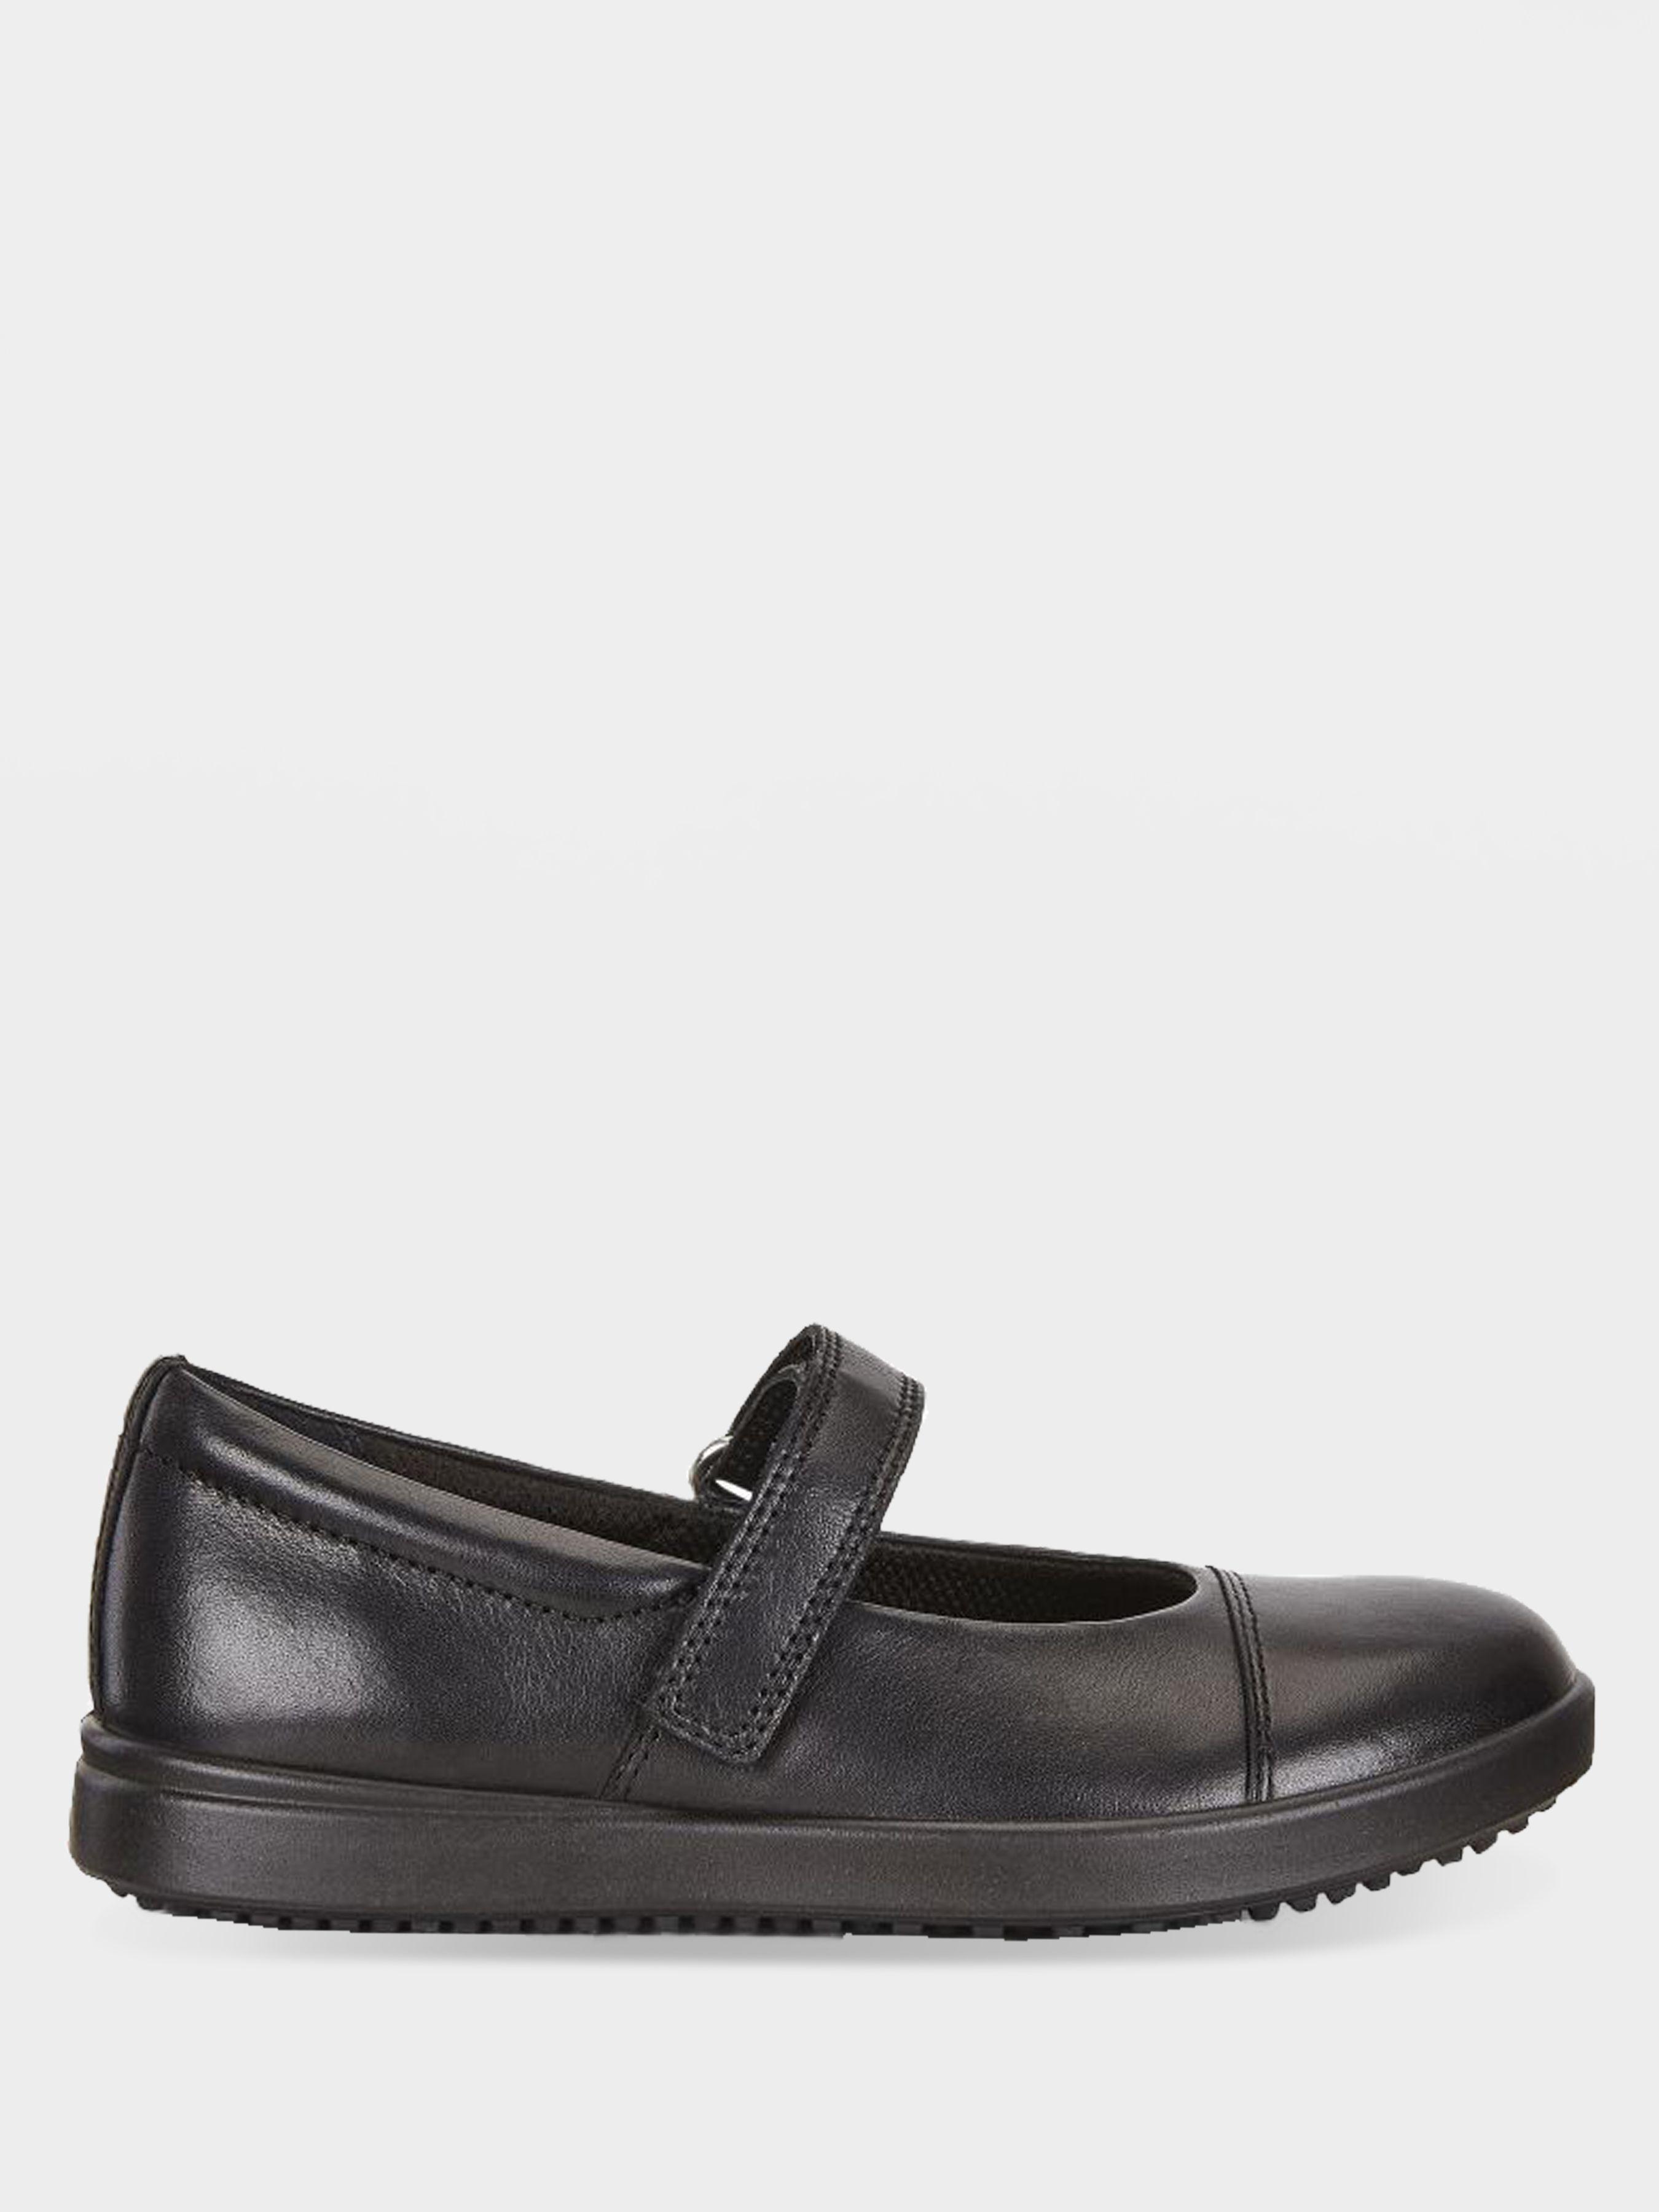 Купить Туфли детские ECCO ELLI ZK3238, Черный